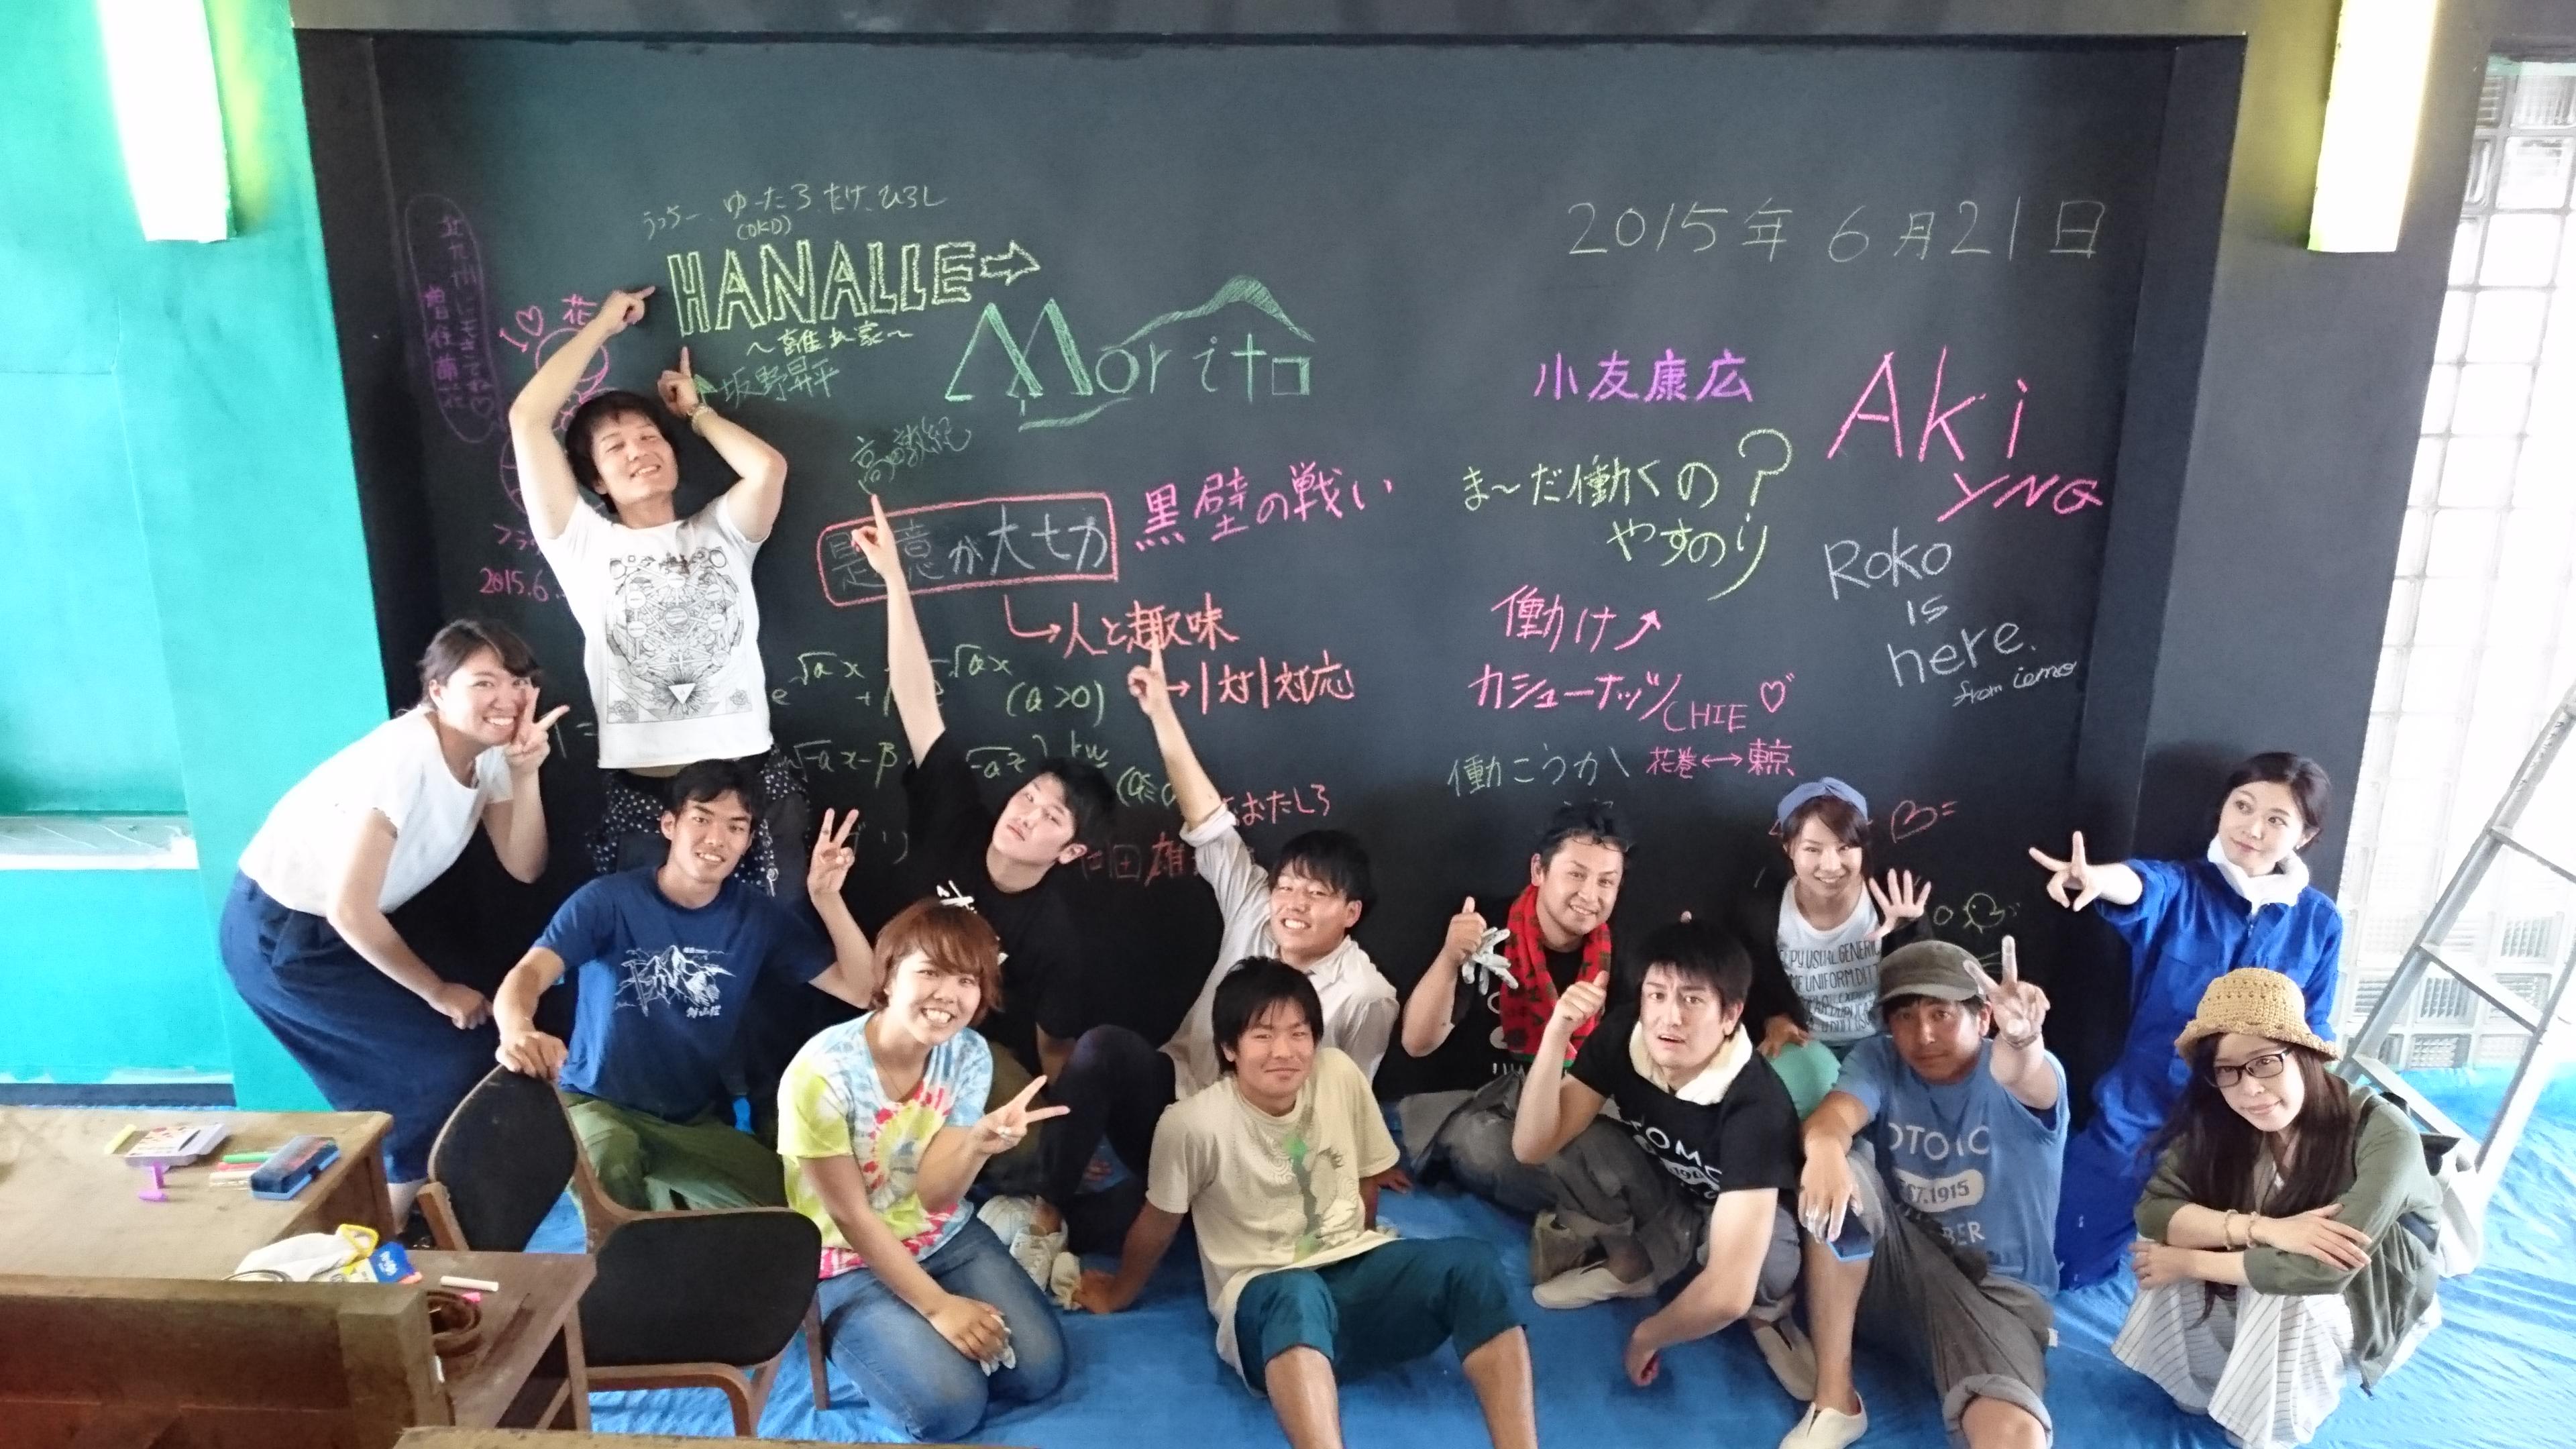 「「チャレンジする大人が集まるまち」花巻に、「co-ba hanamaki」がオープン」のサムネイル